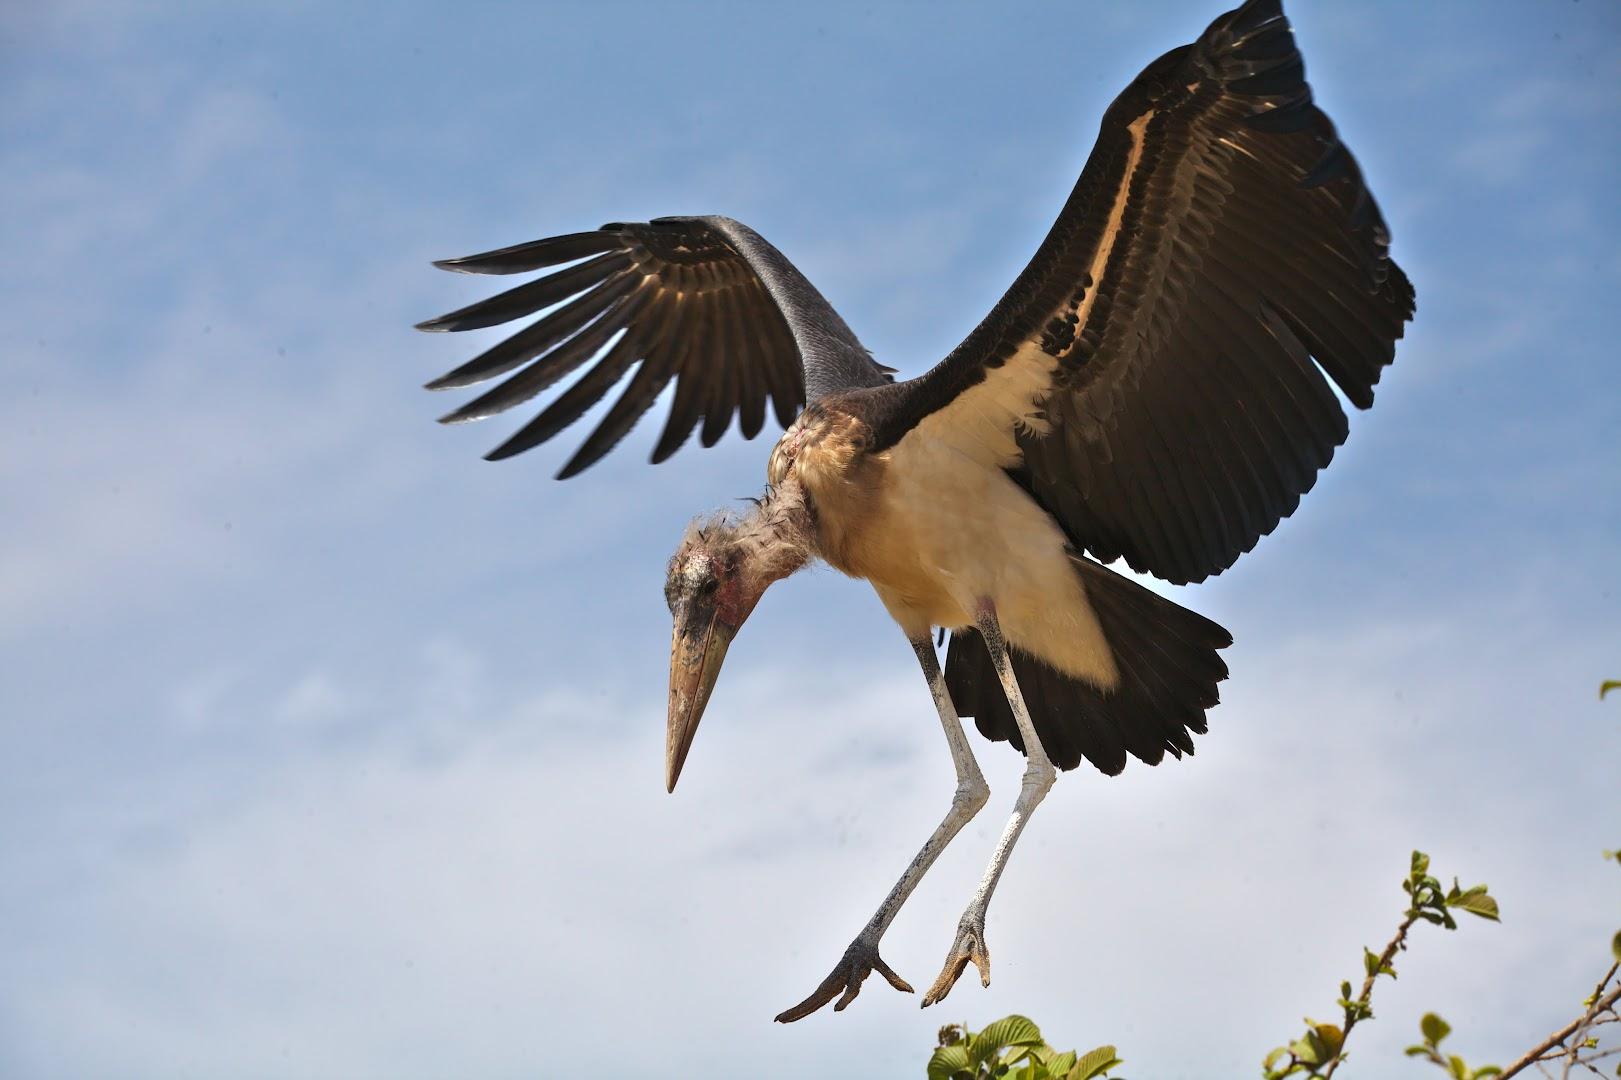 Marabu landing